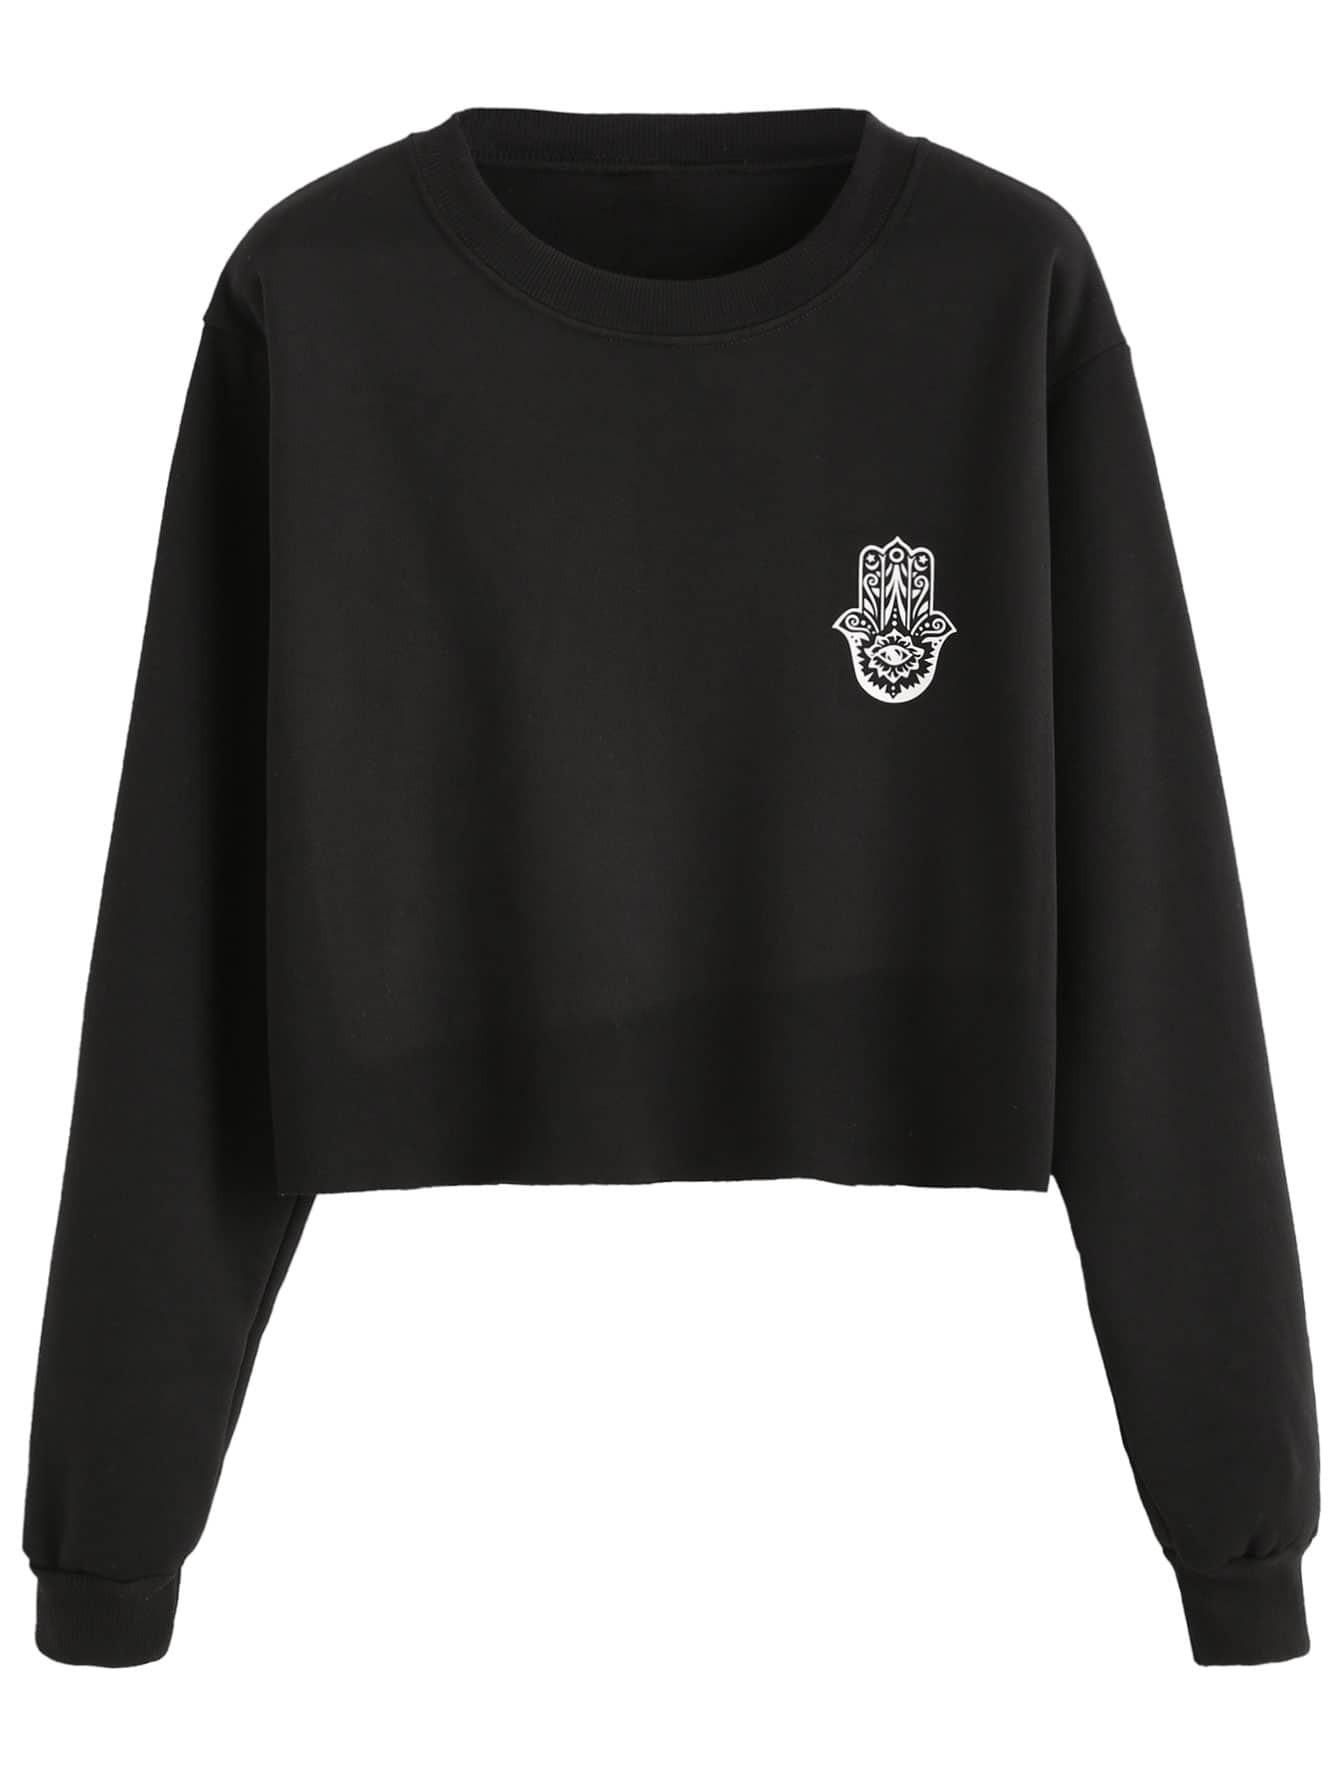 sweatshirt160913302_2